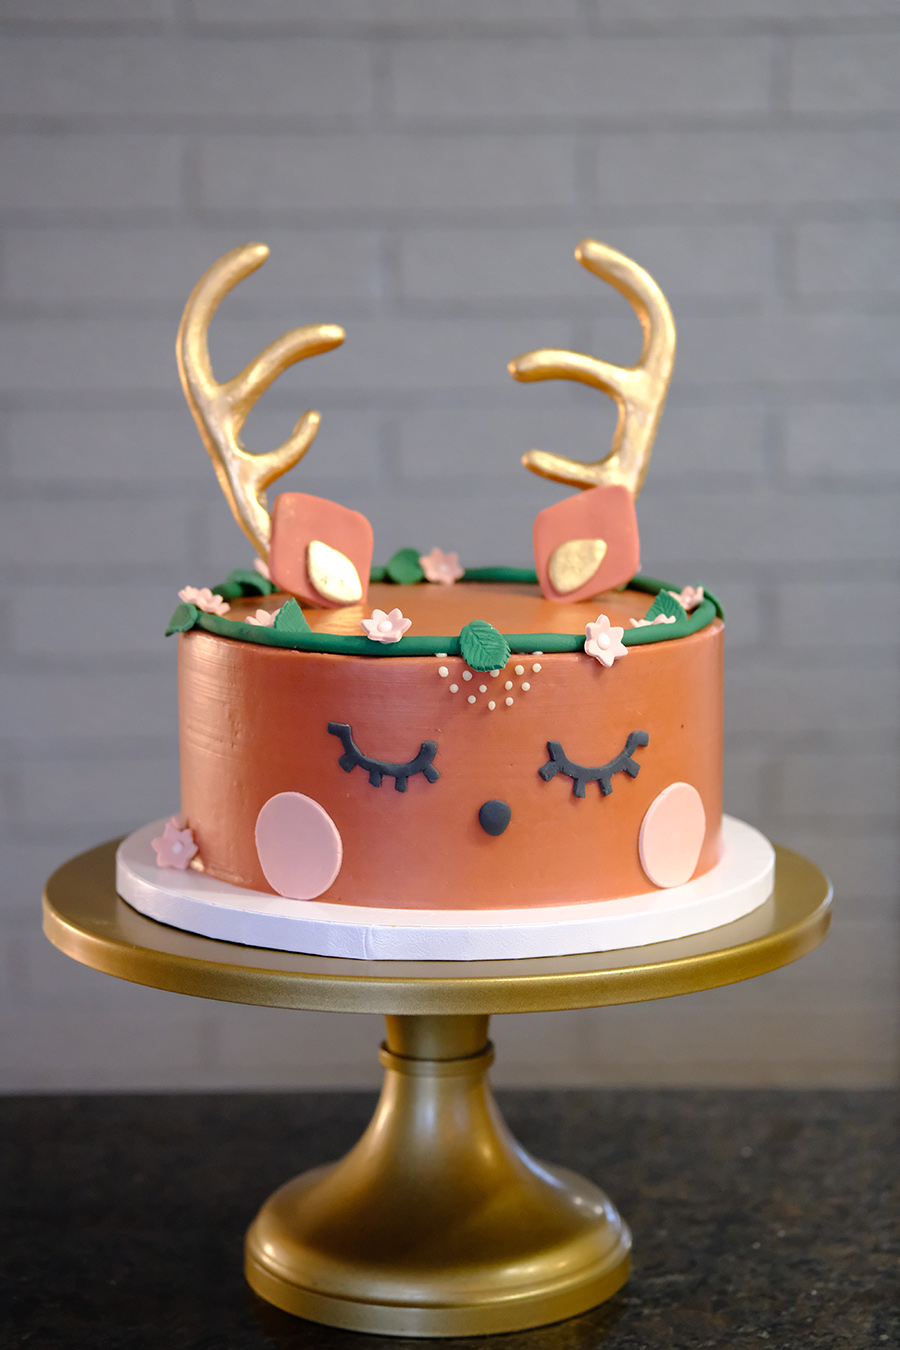 deeres-cake.jpg